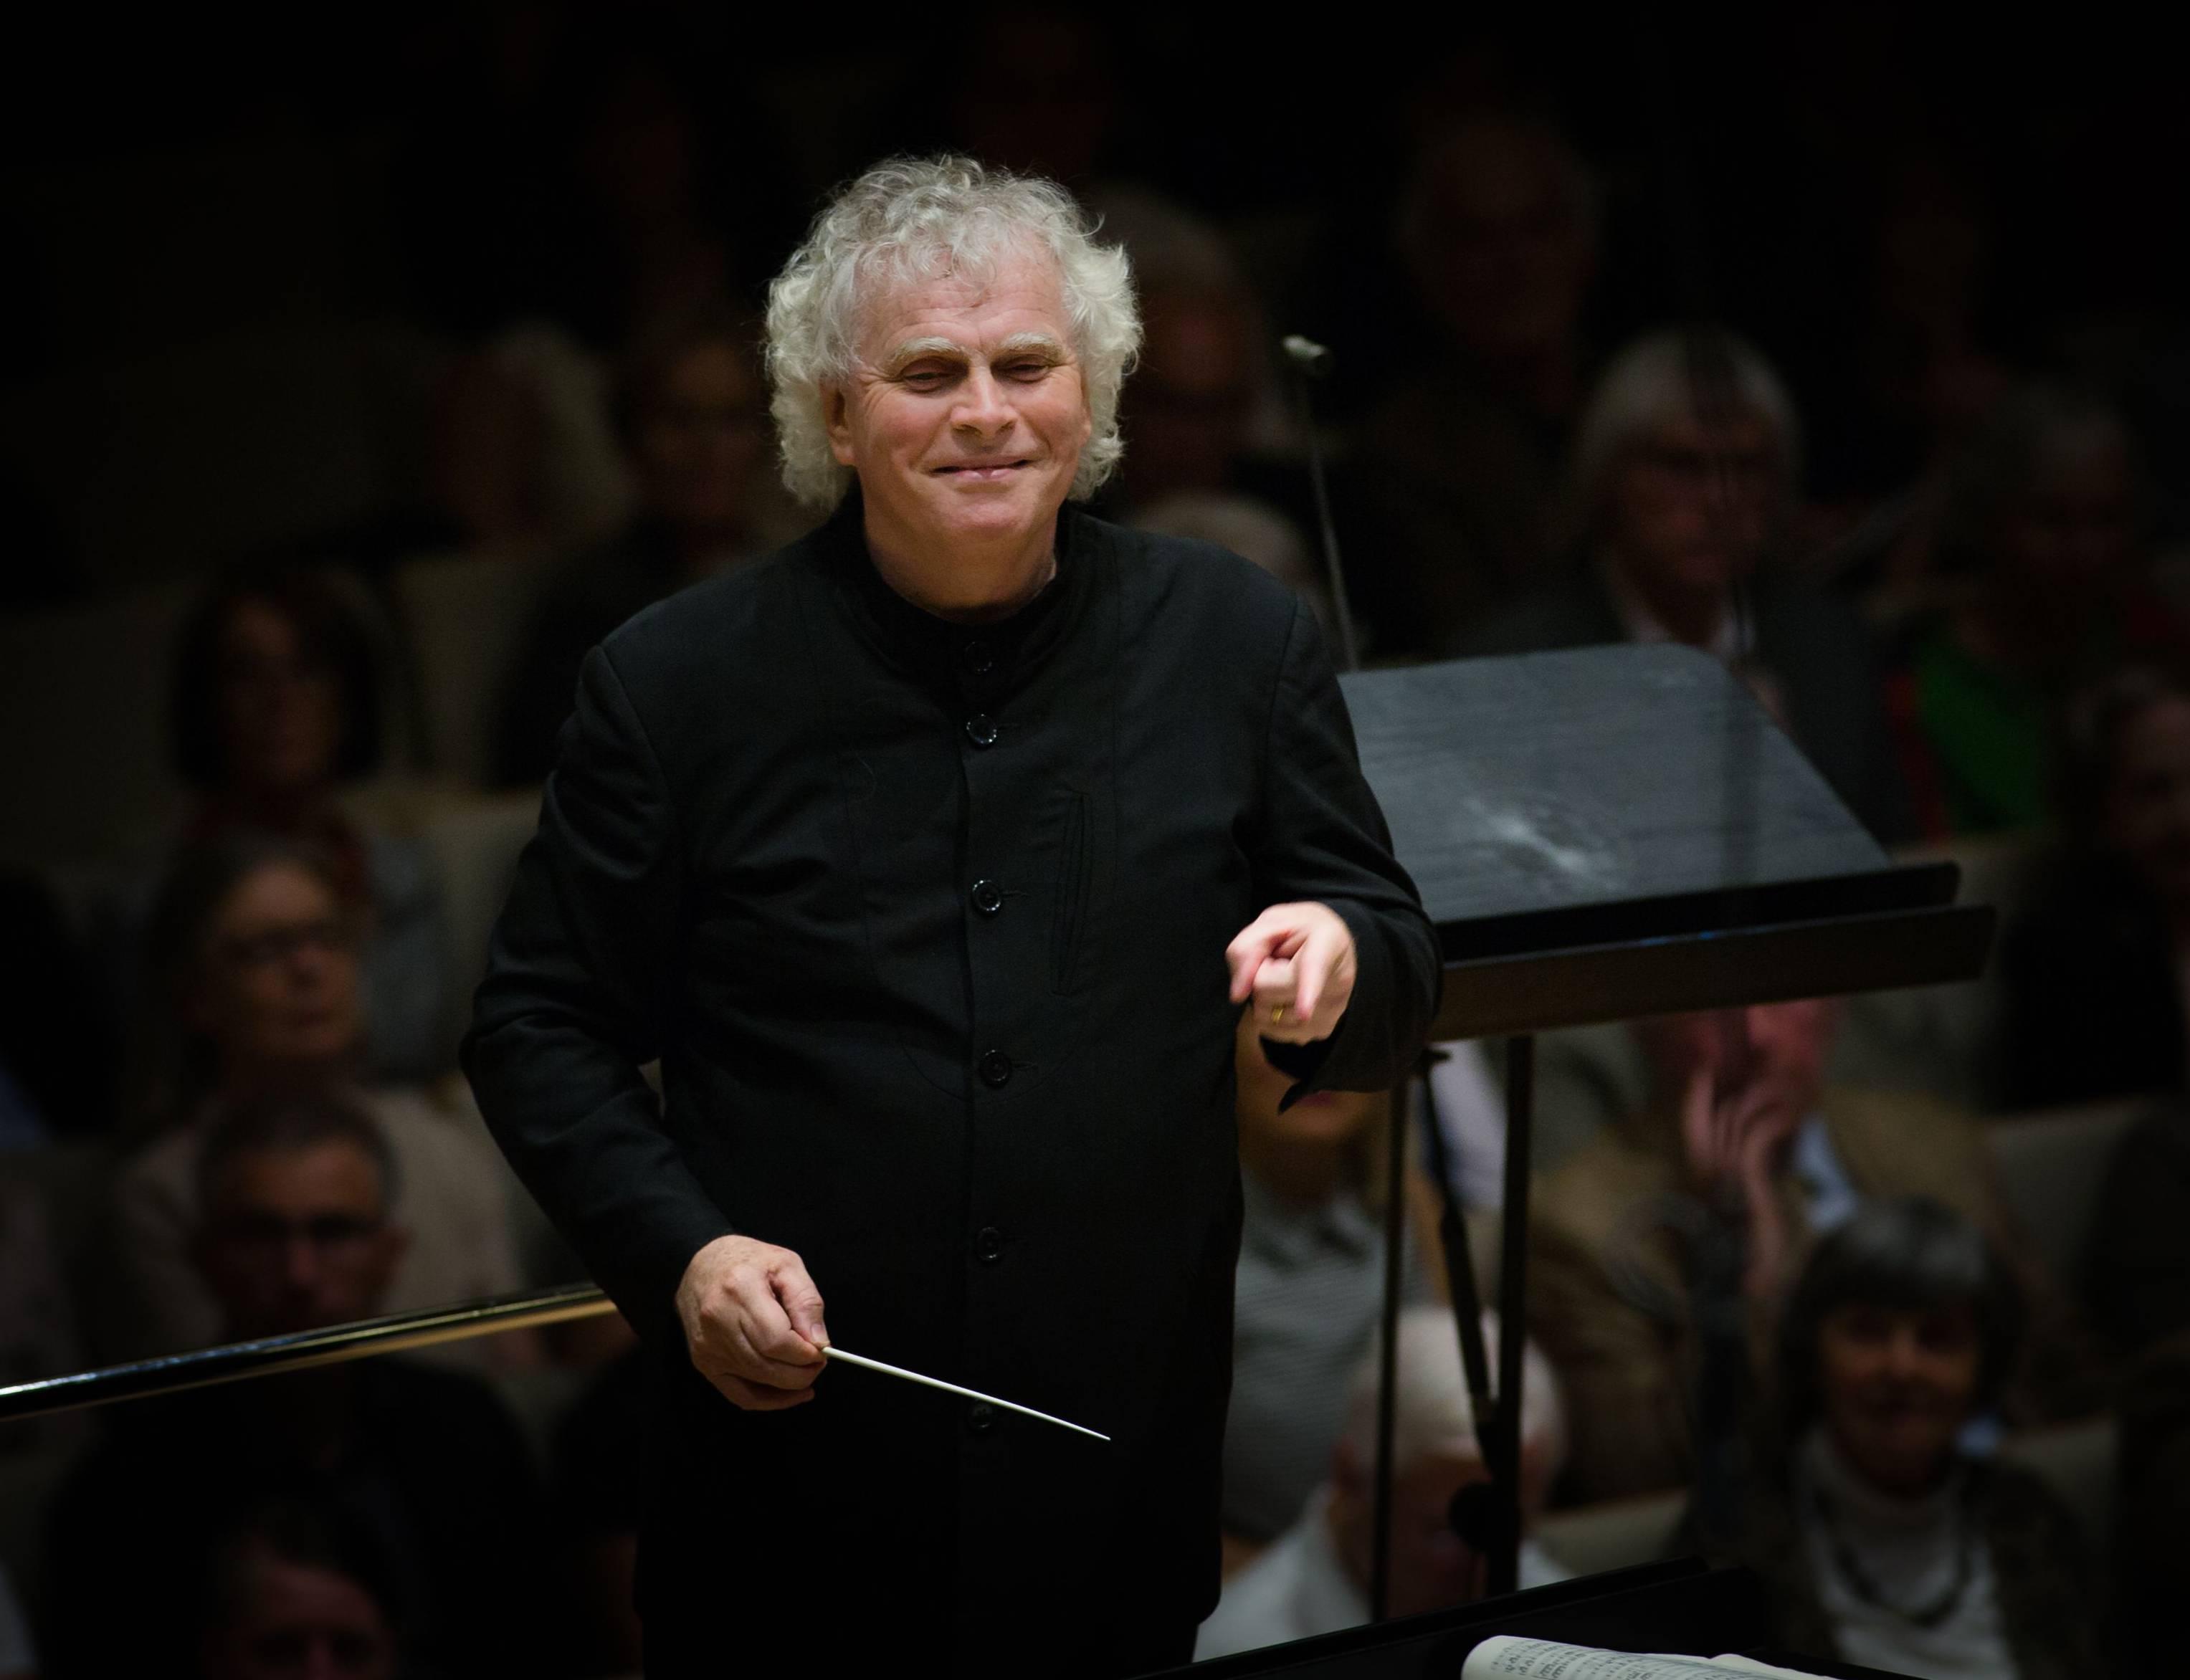 BR-Symphonieorchester: Simon Rattle könnte demnächst zum Nachfolger von Mariss Jansons ausgerufen werden